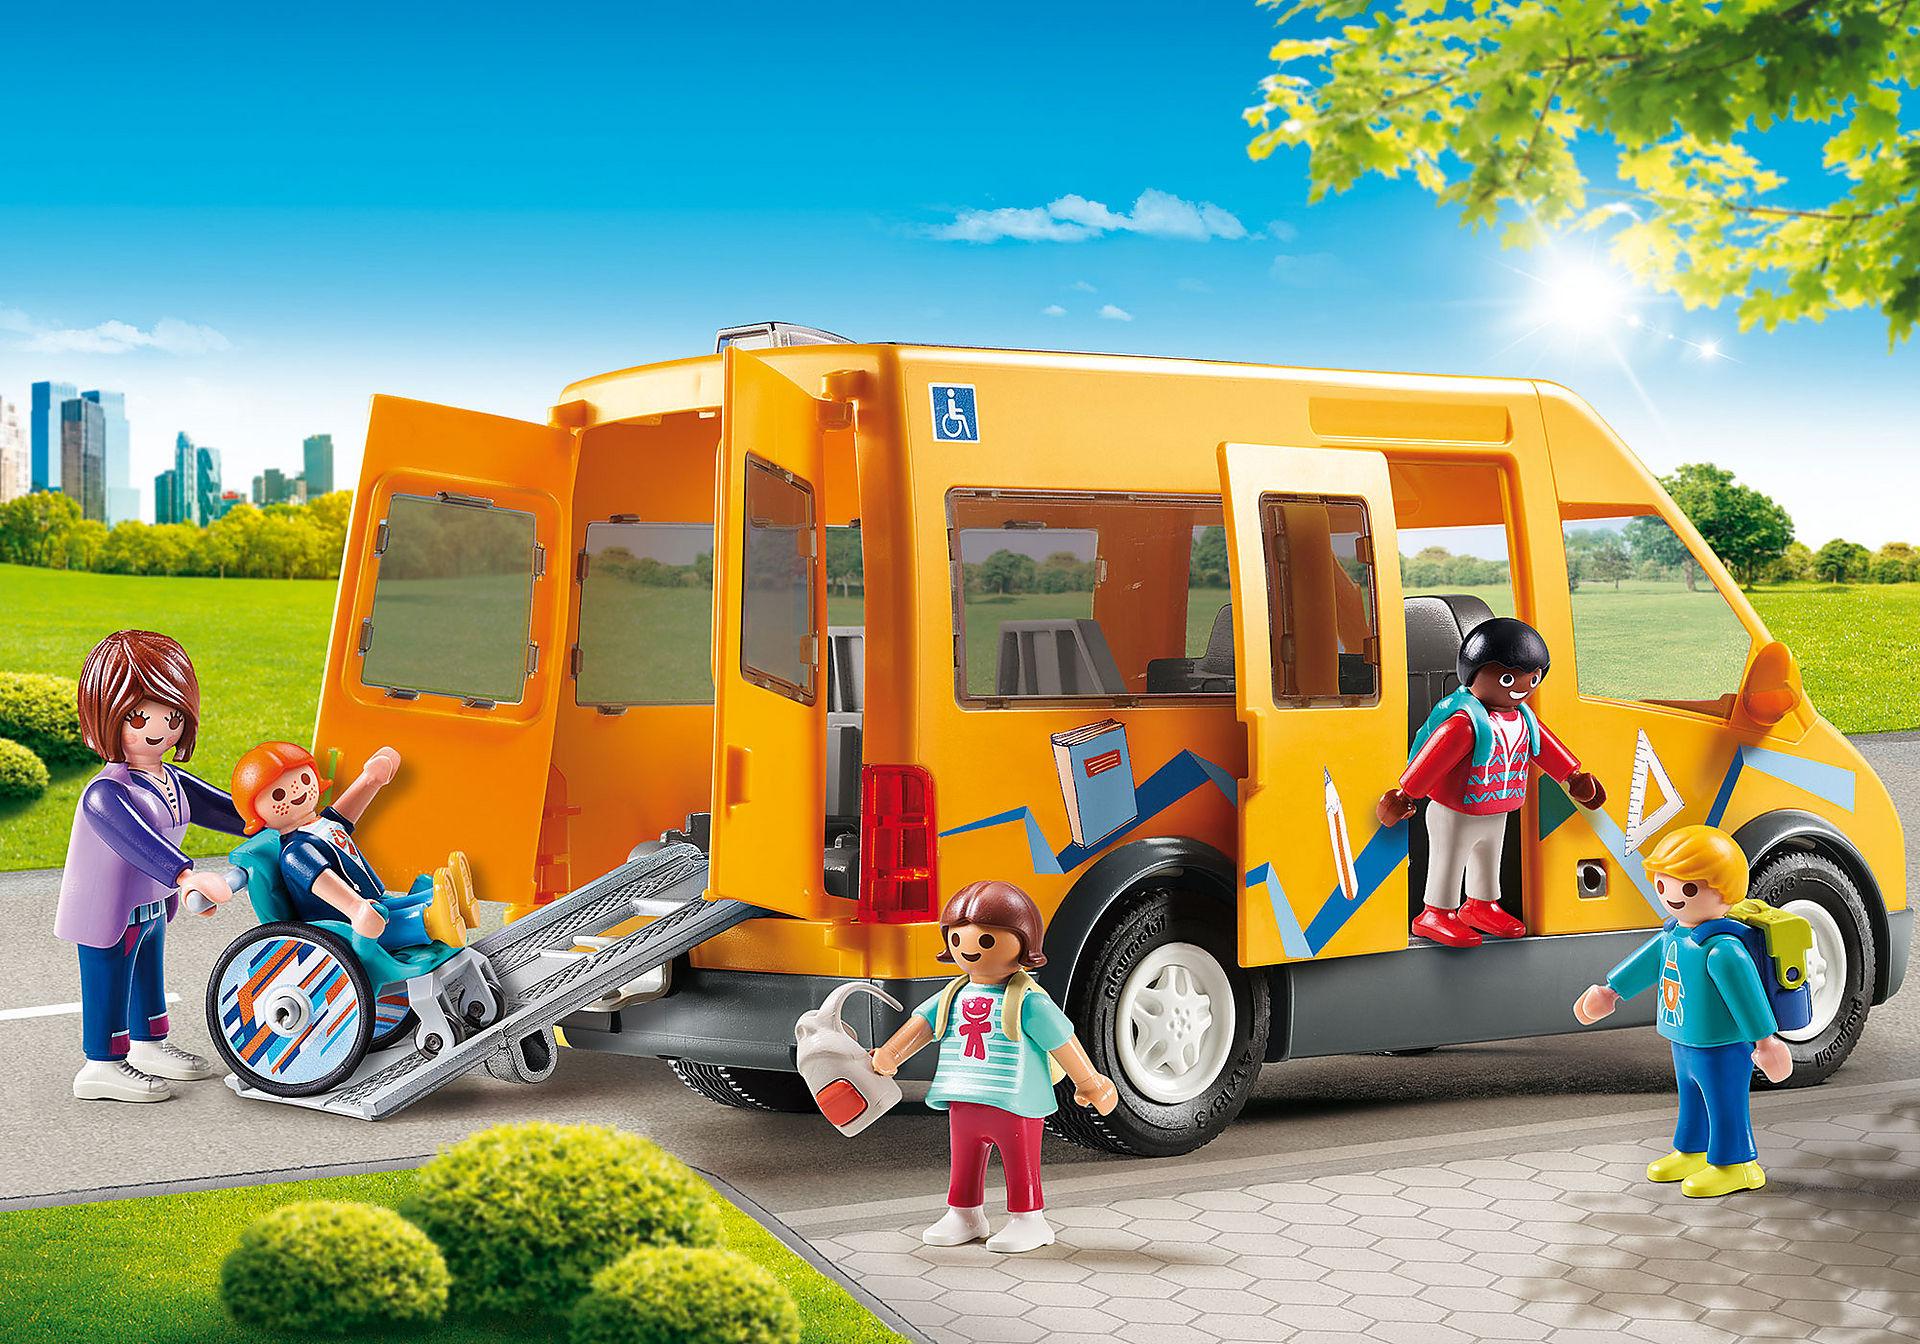 9419 Σχολικό λεωφορείο zoom image1